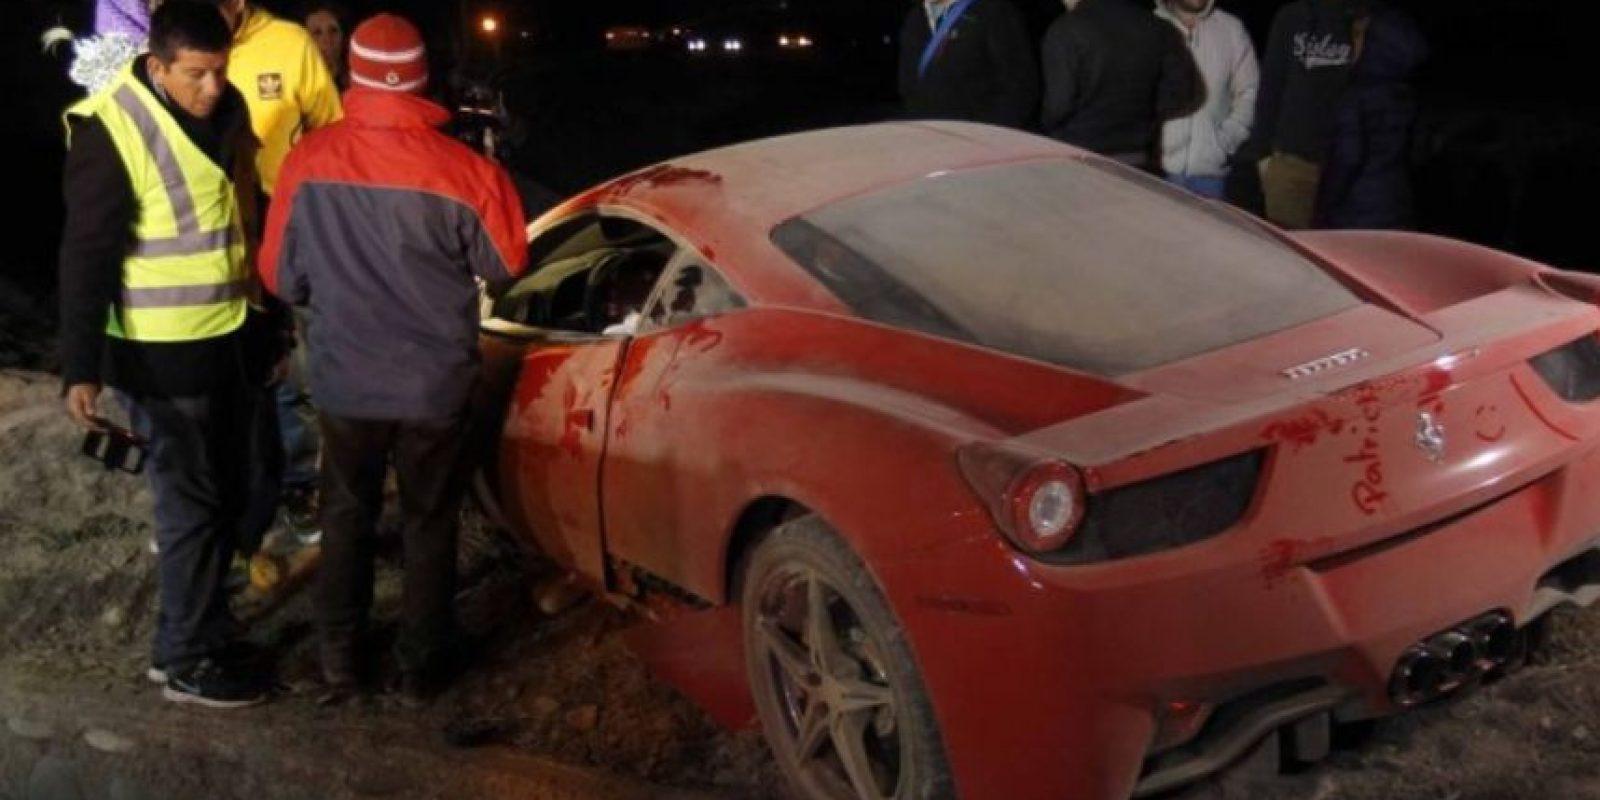 El accidente provocó que el automóvil del futbolista de la Juventus quedara destrozado Foto:AFP